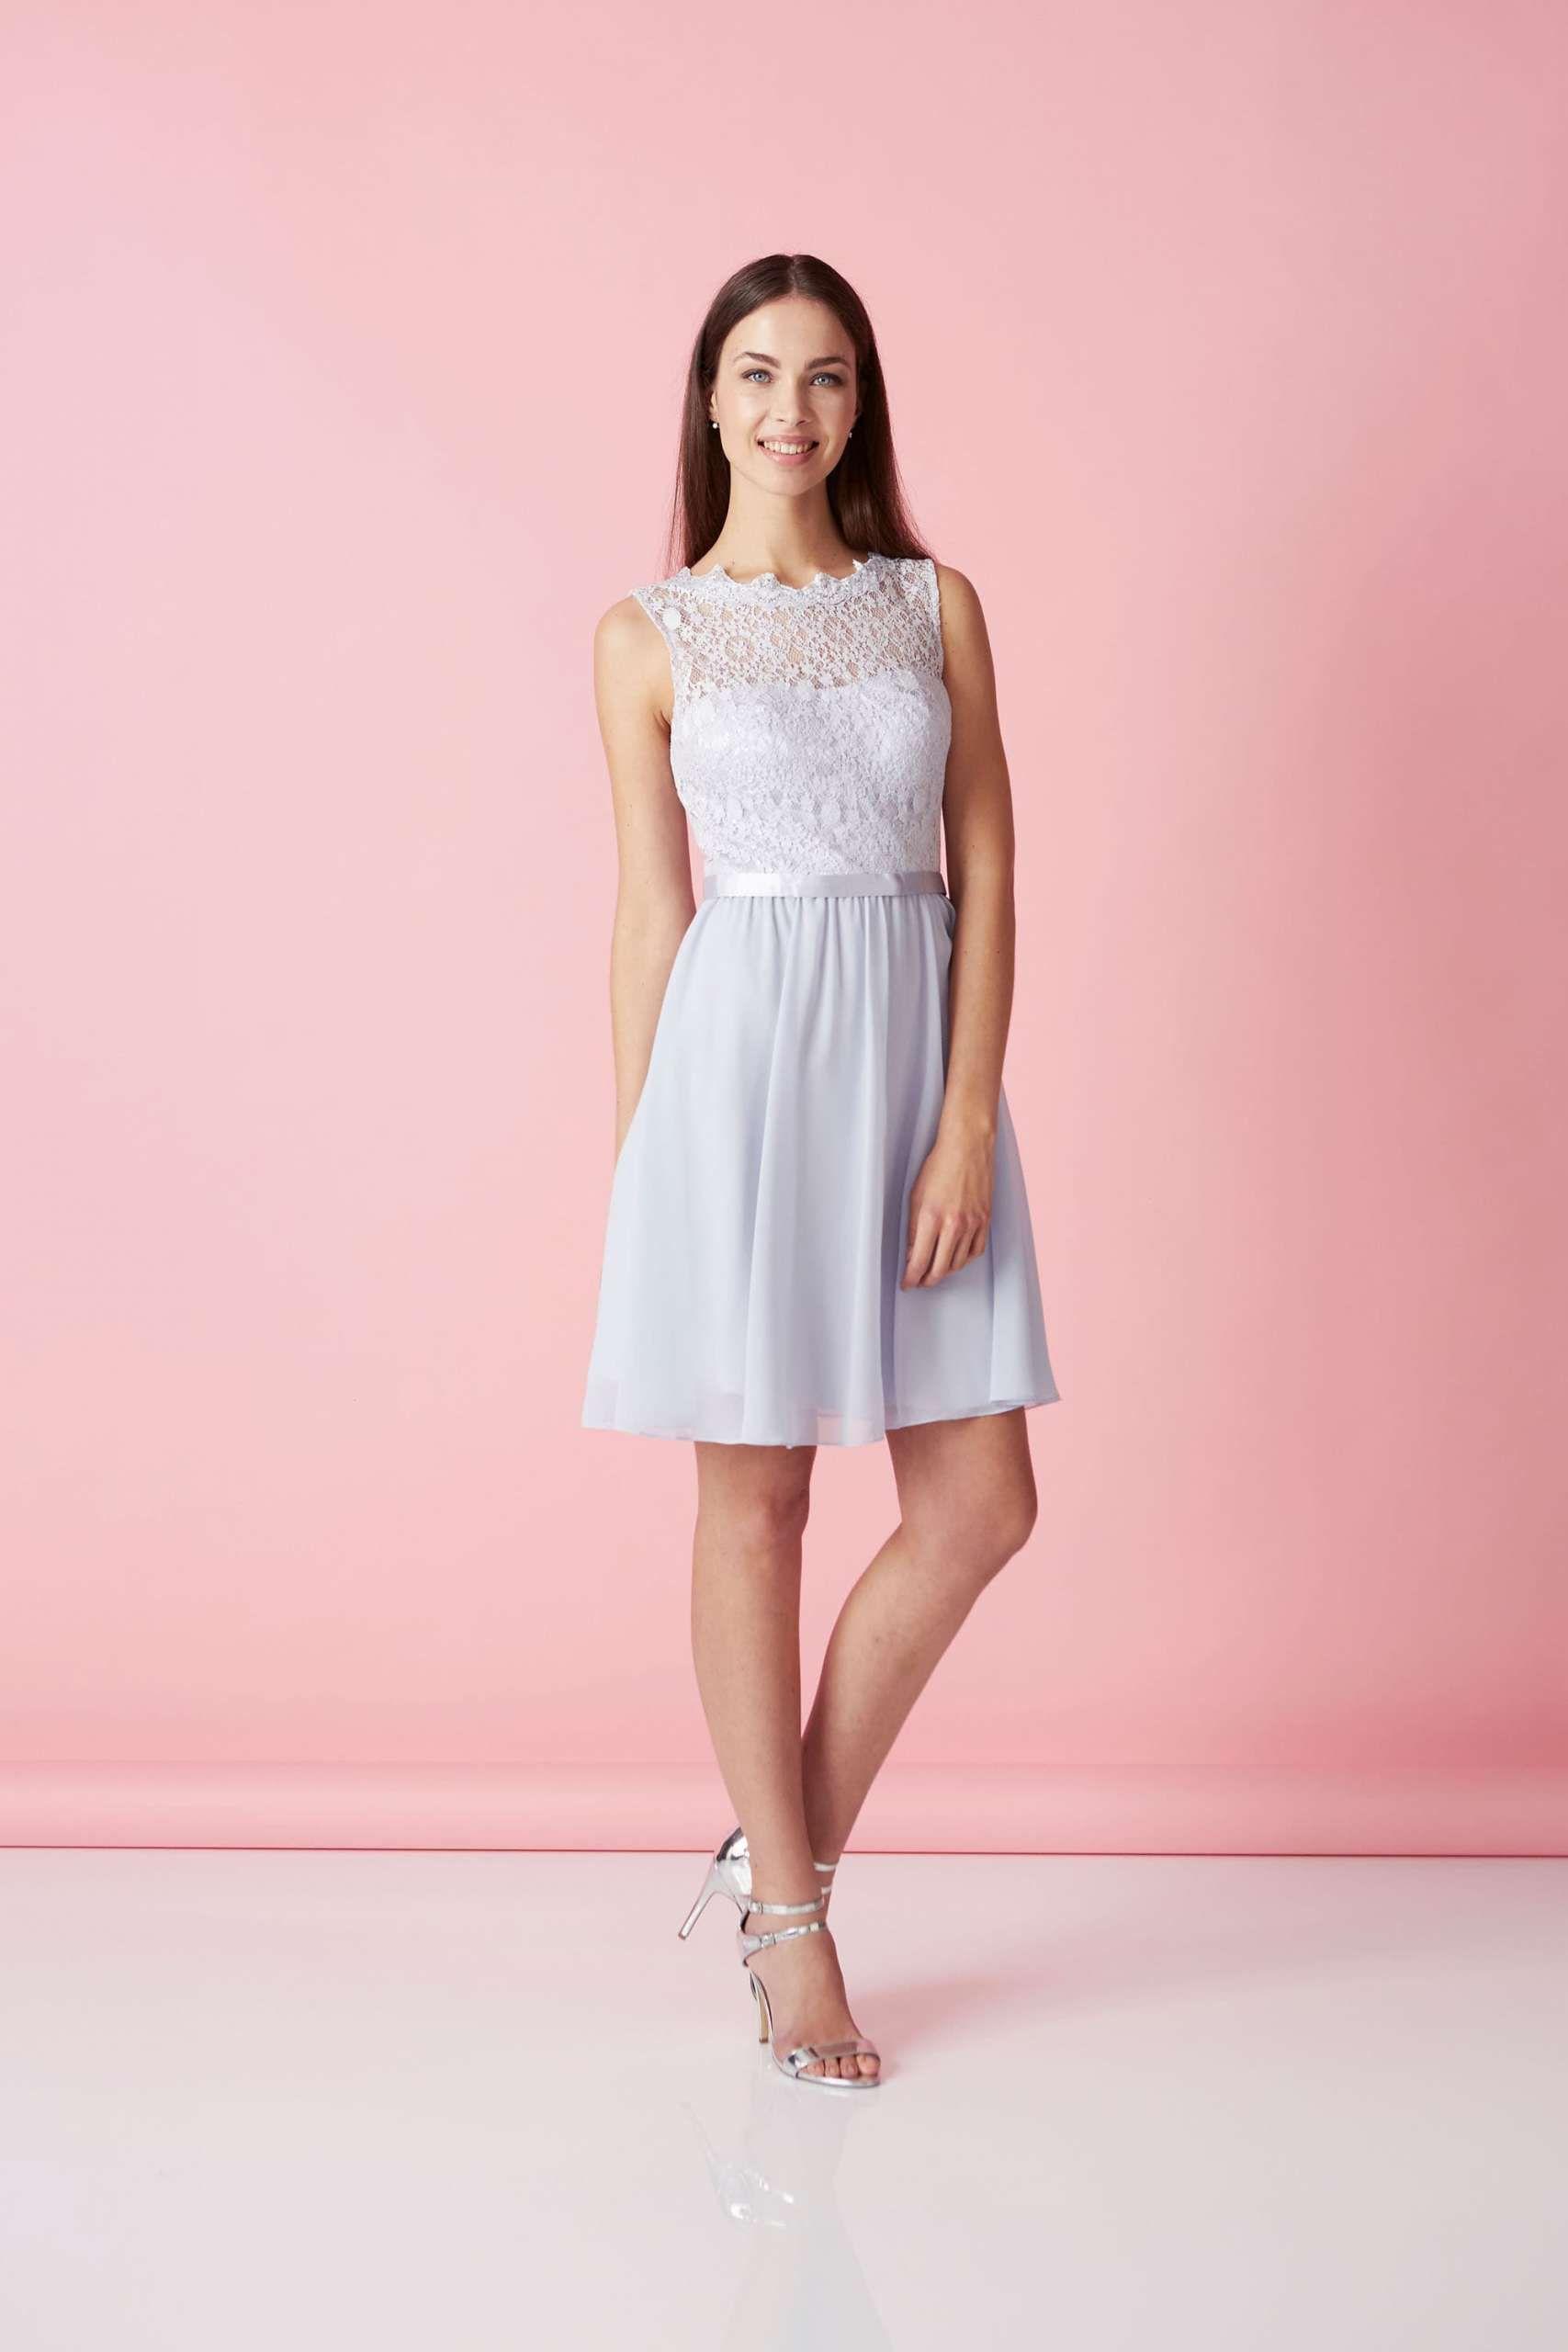 Kleines Kleid, großer Auftritt! Ob Party, Abiball oder Hochzeit ...